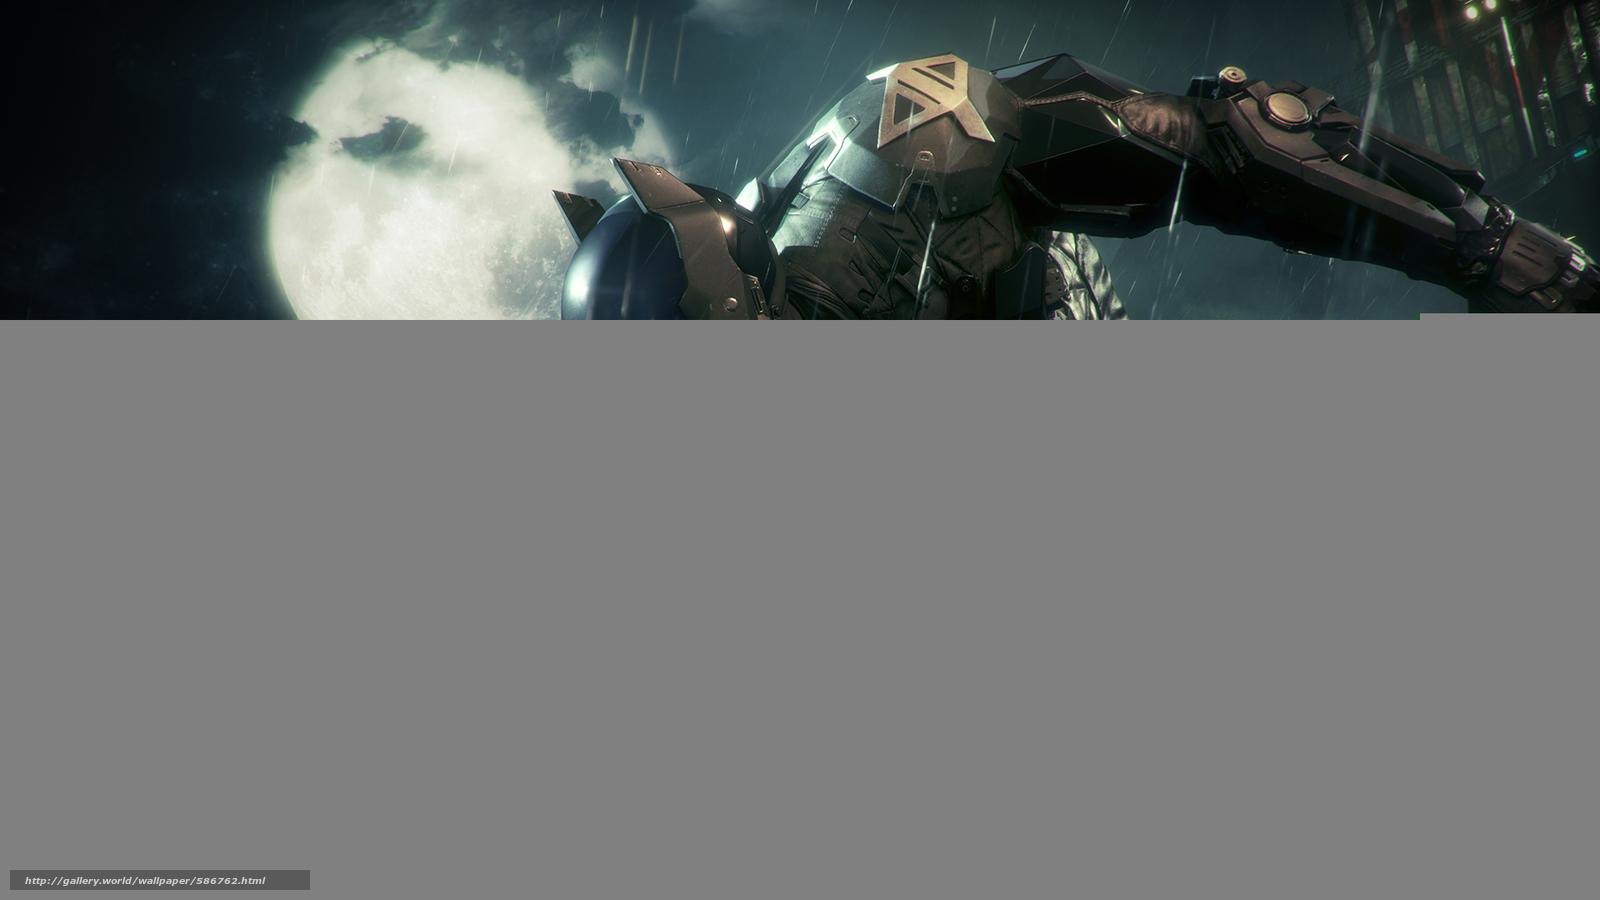 Скачать обои Arkham Knight,  Batman,  Batman: Arkham Knight,  Games бесплатно для рабочего стола в разрешении 1920x1080 — картинка №586762